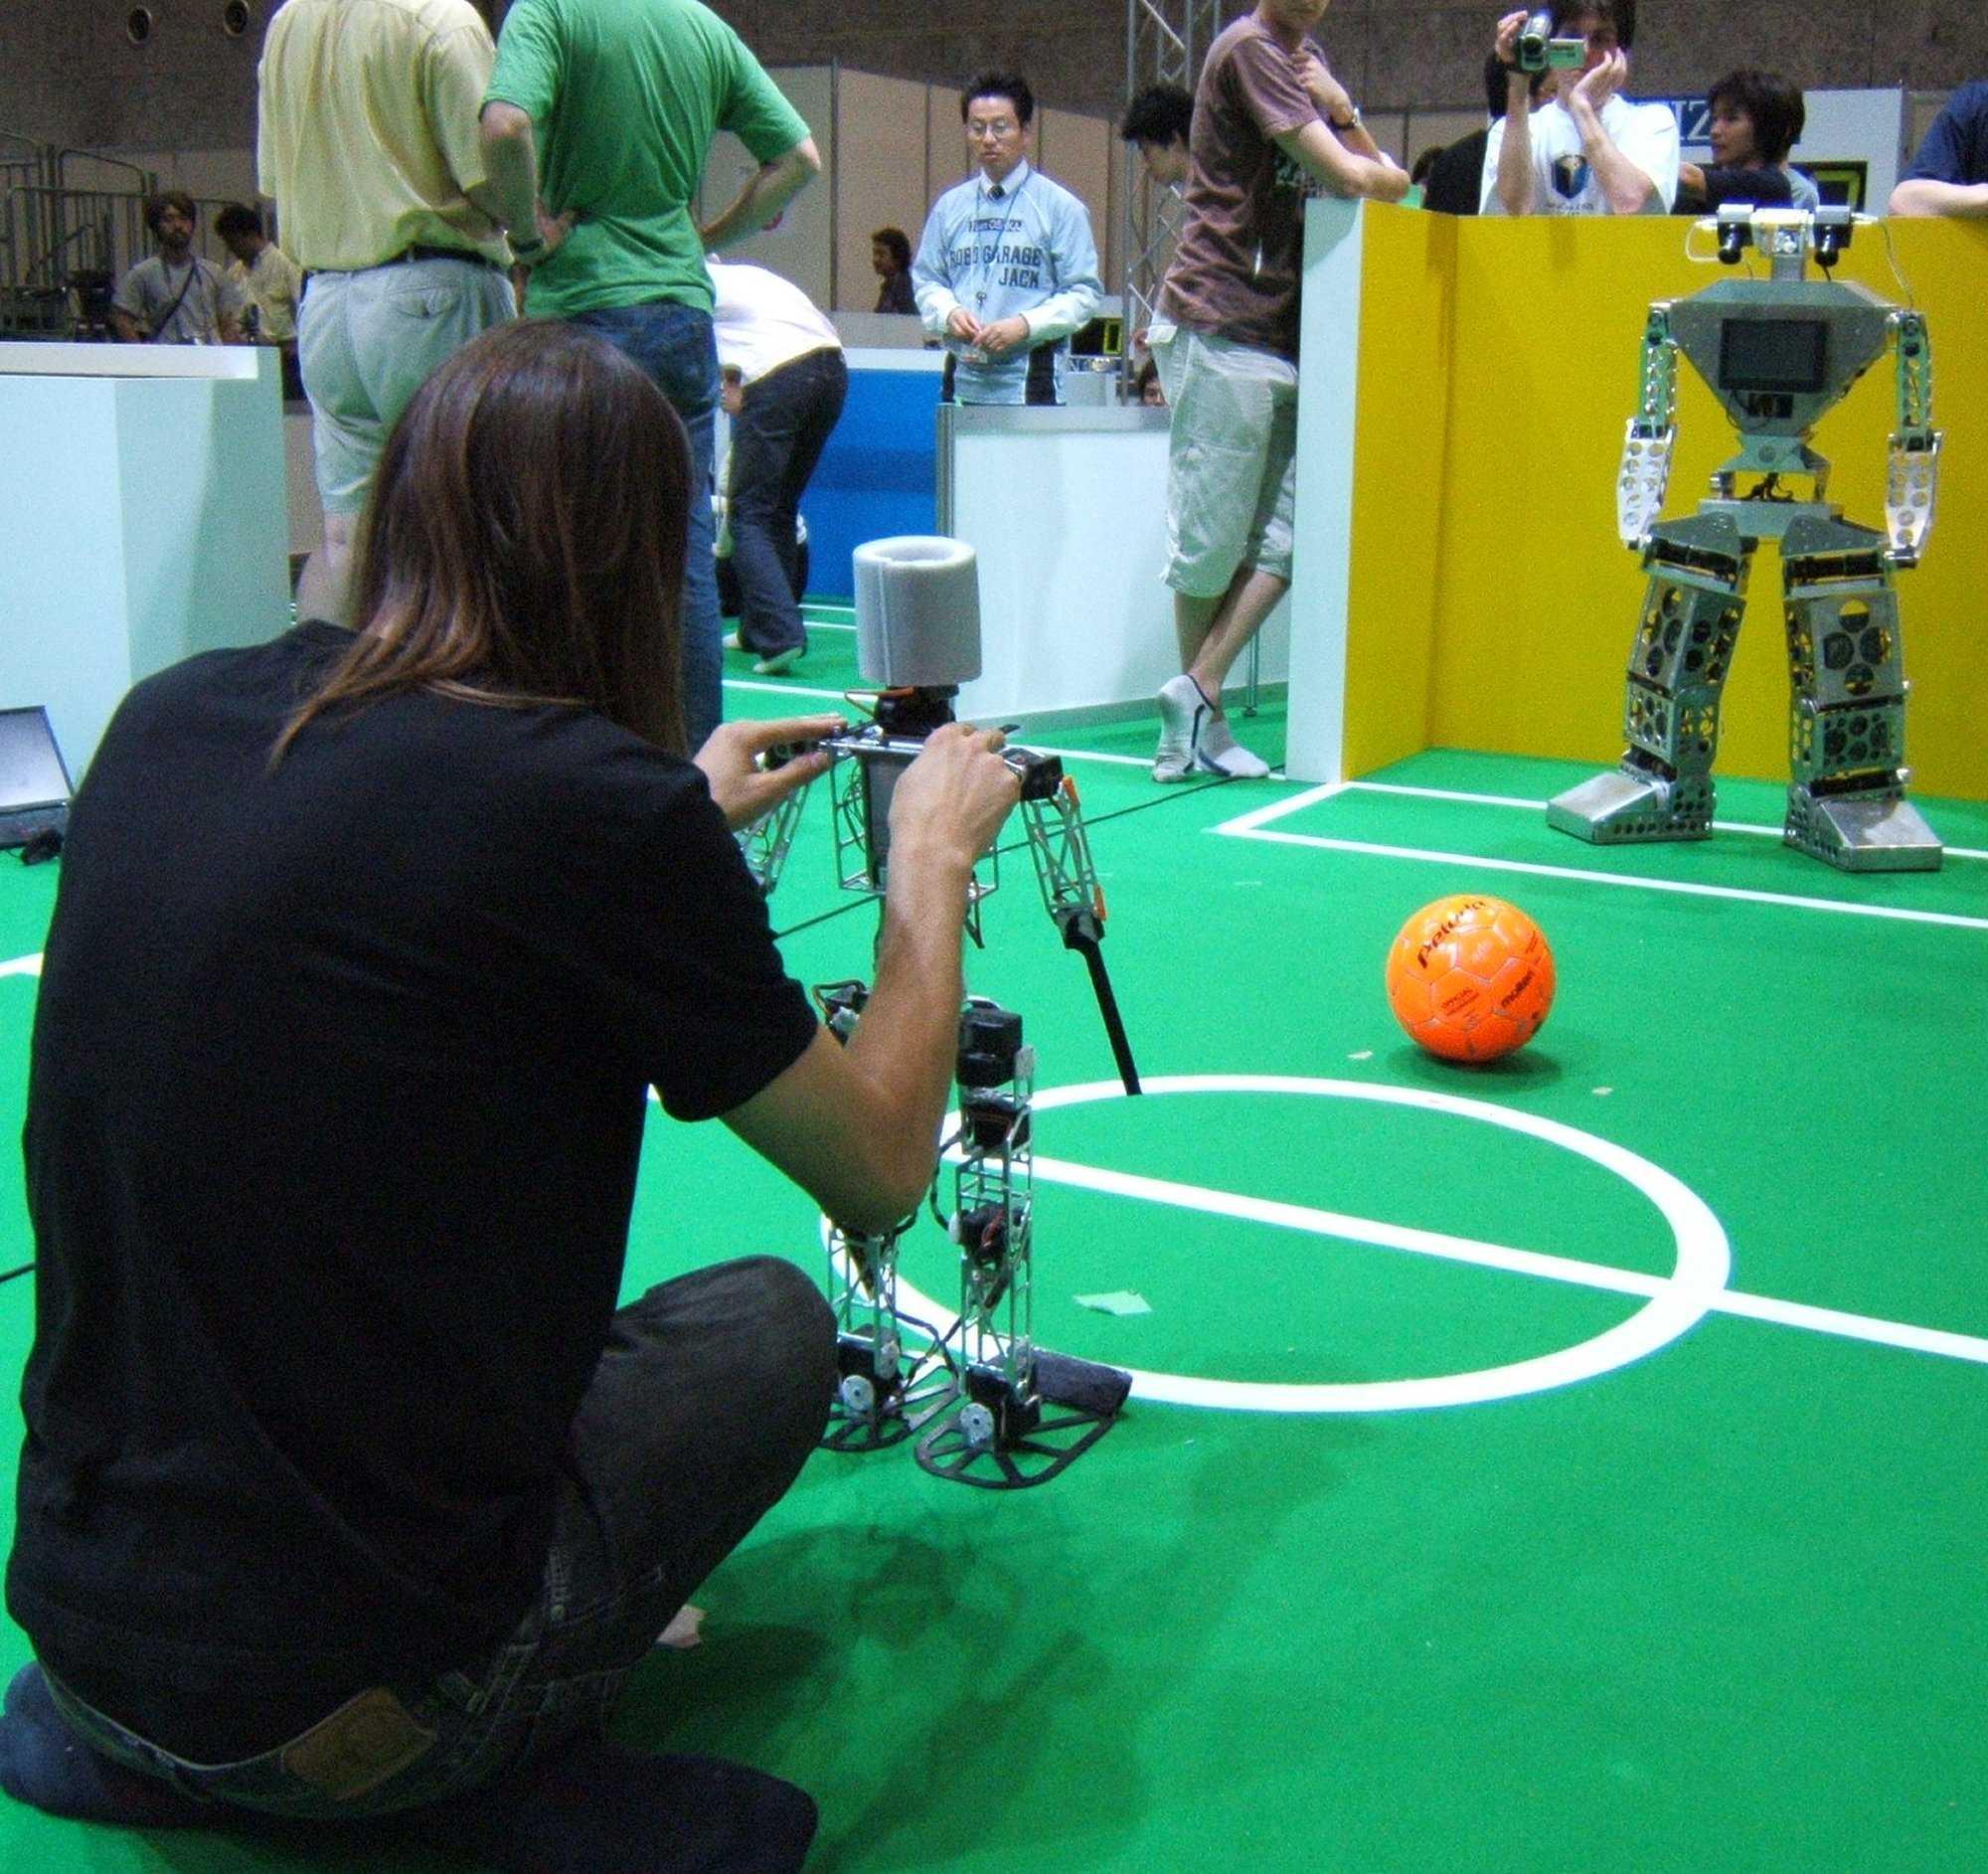 Der Roboter des Teams Nimbro vor dem Strafstoß